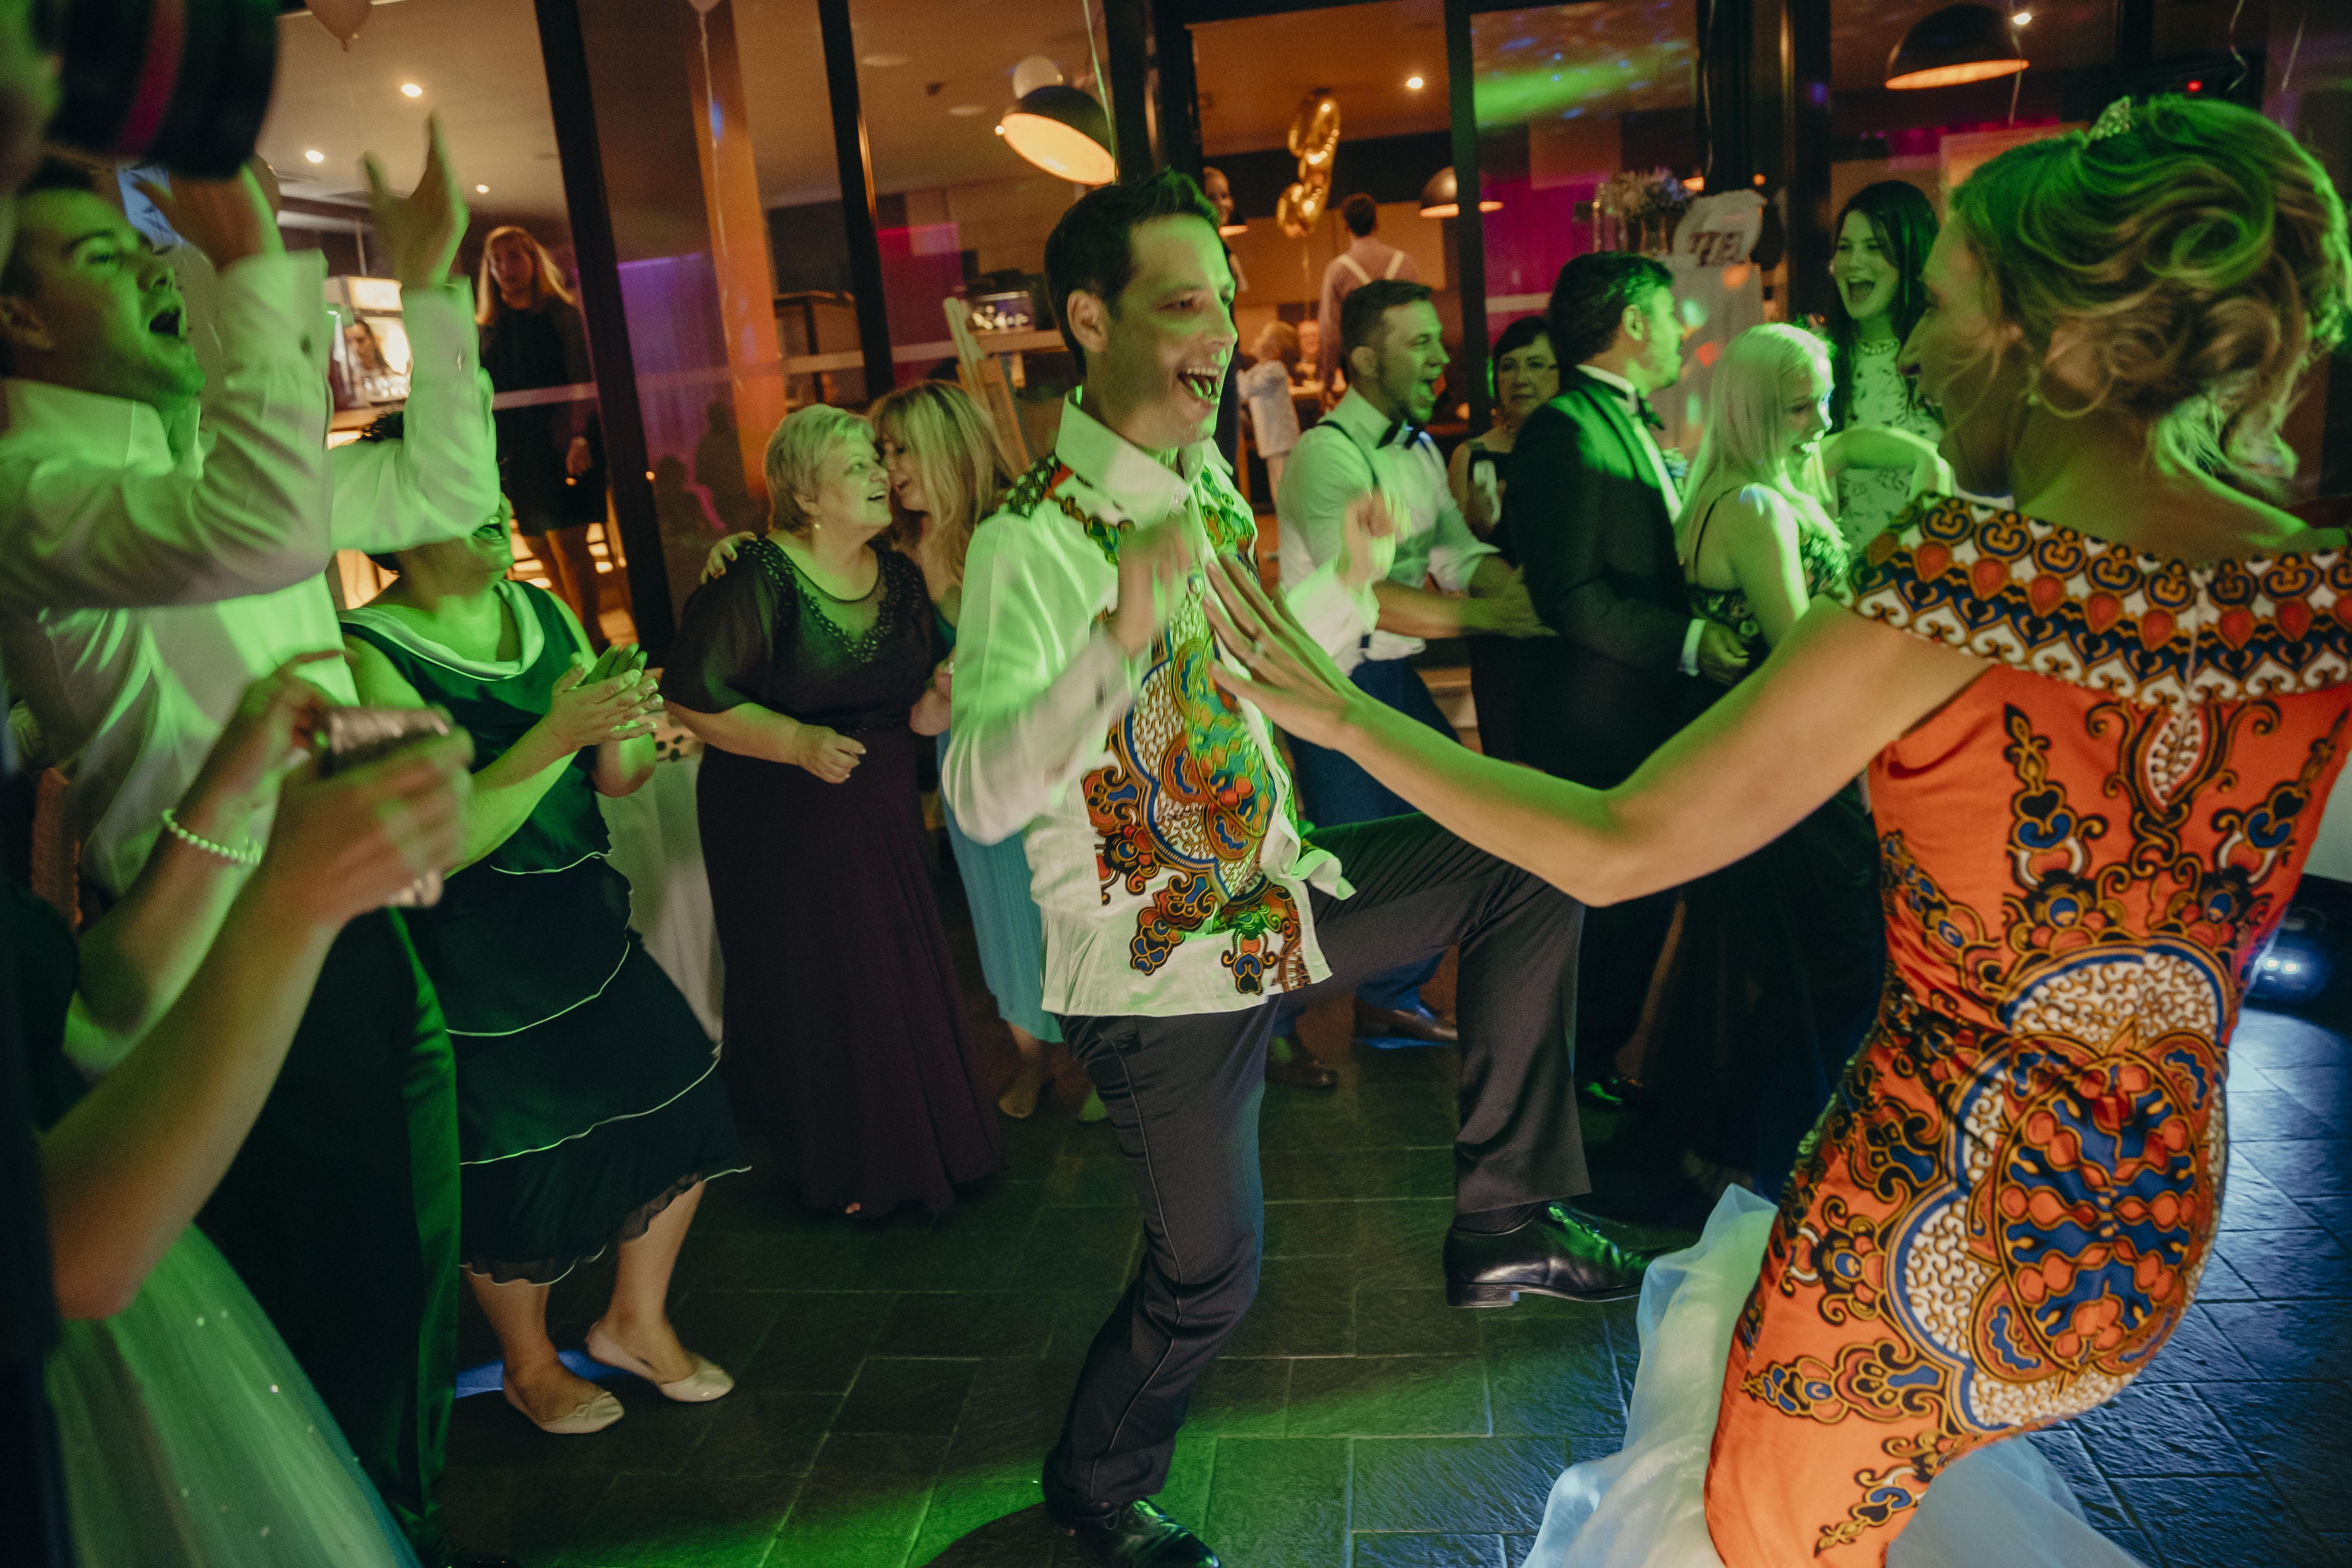 Svadba SALAMANDRA RESORT HOTEL 03, #svadobnyDJ, #svadba, #Salamandrahotel